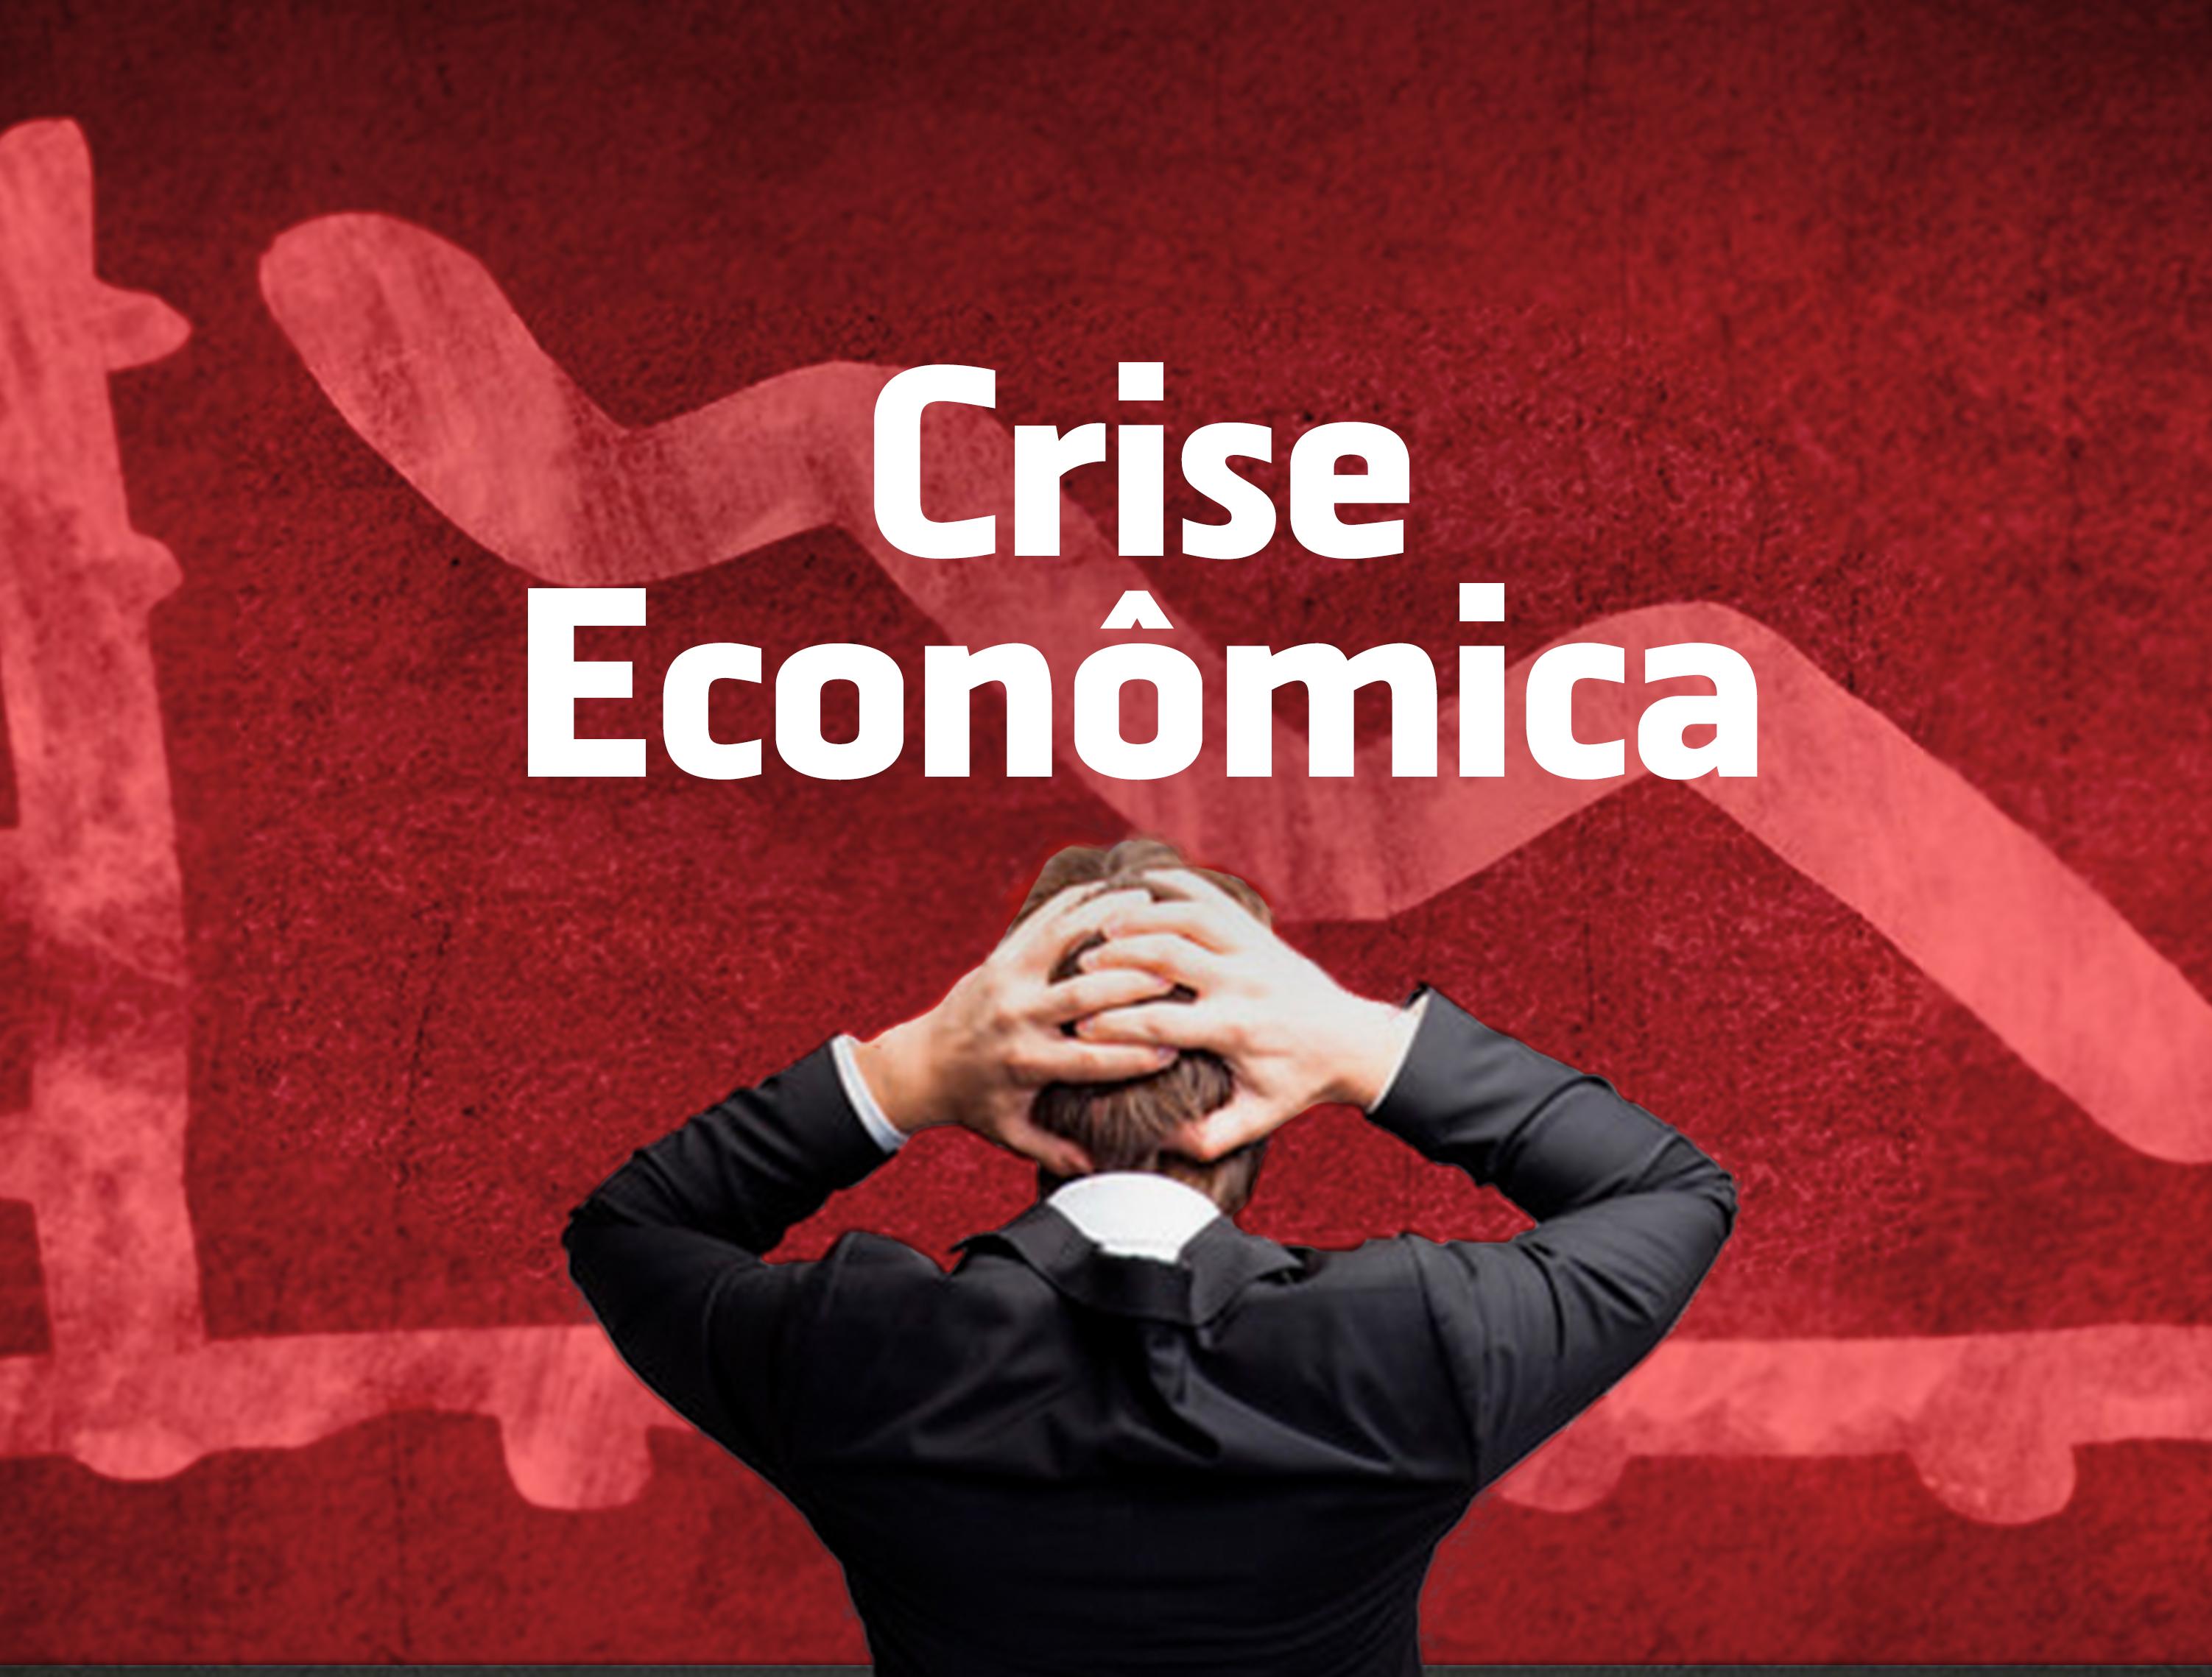 Crescer na Crise Econômica: Conheça as estratégias simples, mas poderosas, que podem transformar os resultados da sua empresa